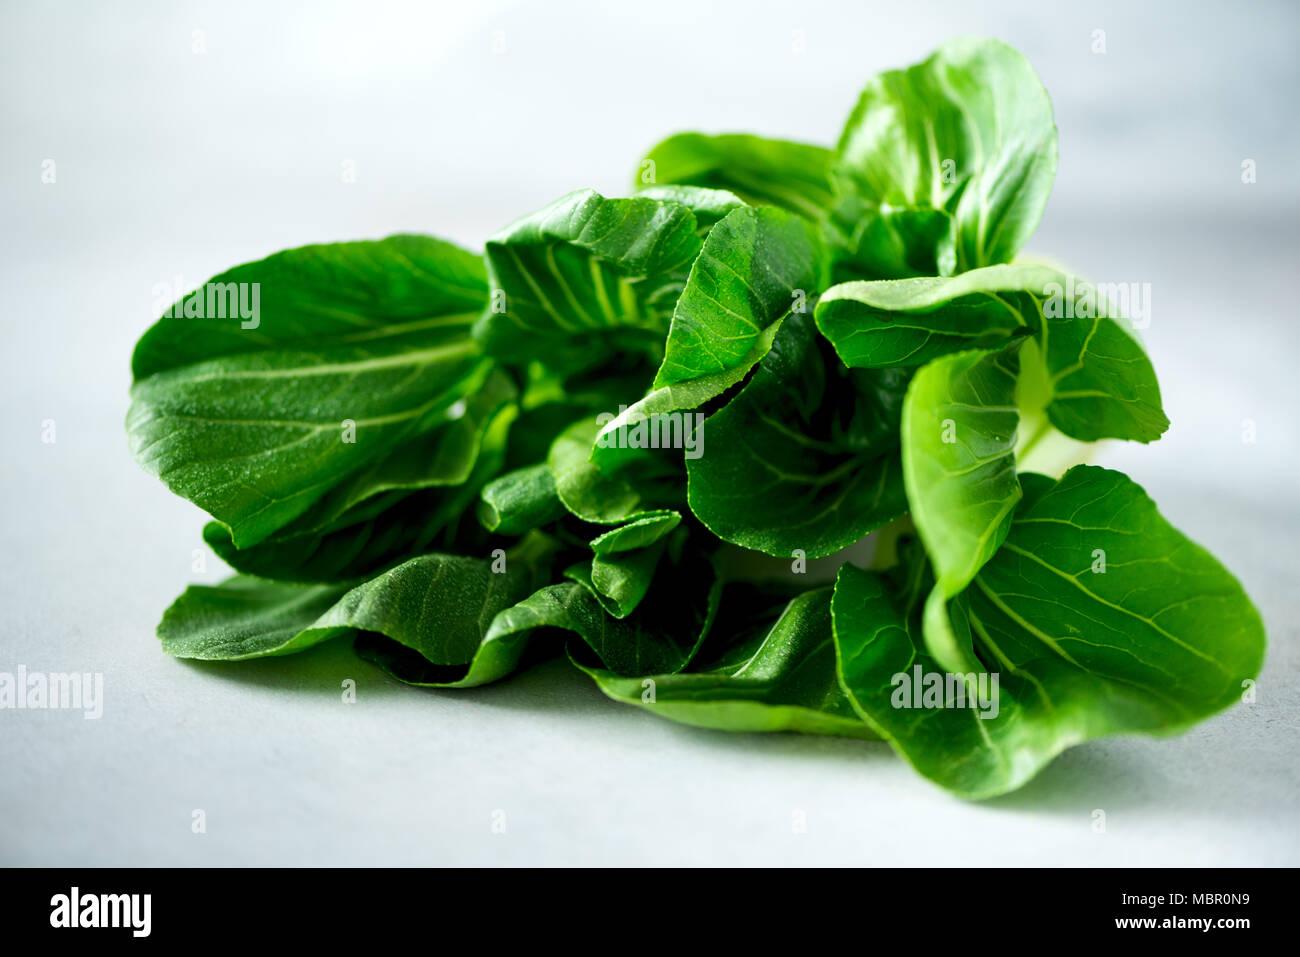 El bok choy orgánica verde repollo chino en hormigón gris de fondo. Copie el espacio, vista superior, laicos plana Imagen De Stock